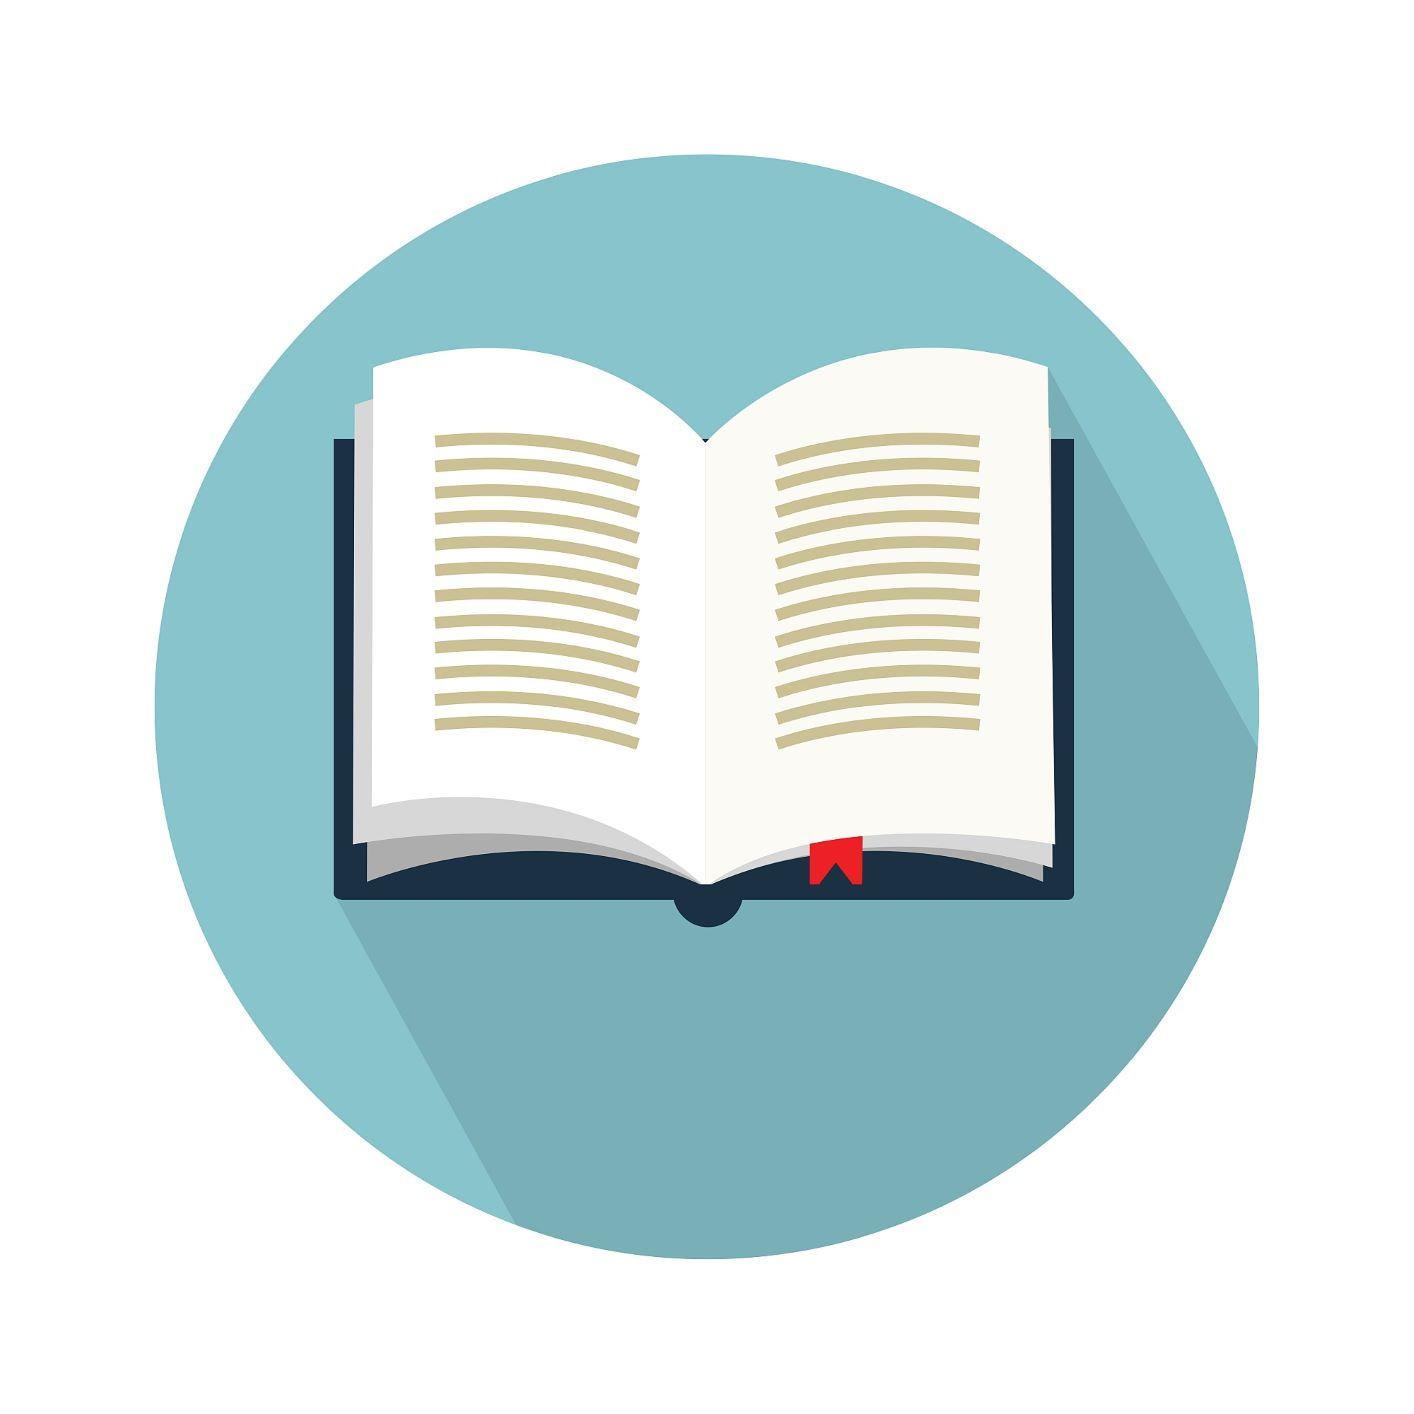 Moje ćwiczenia - Już czytam i piszę, klasa 1, cz.  1